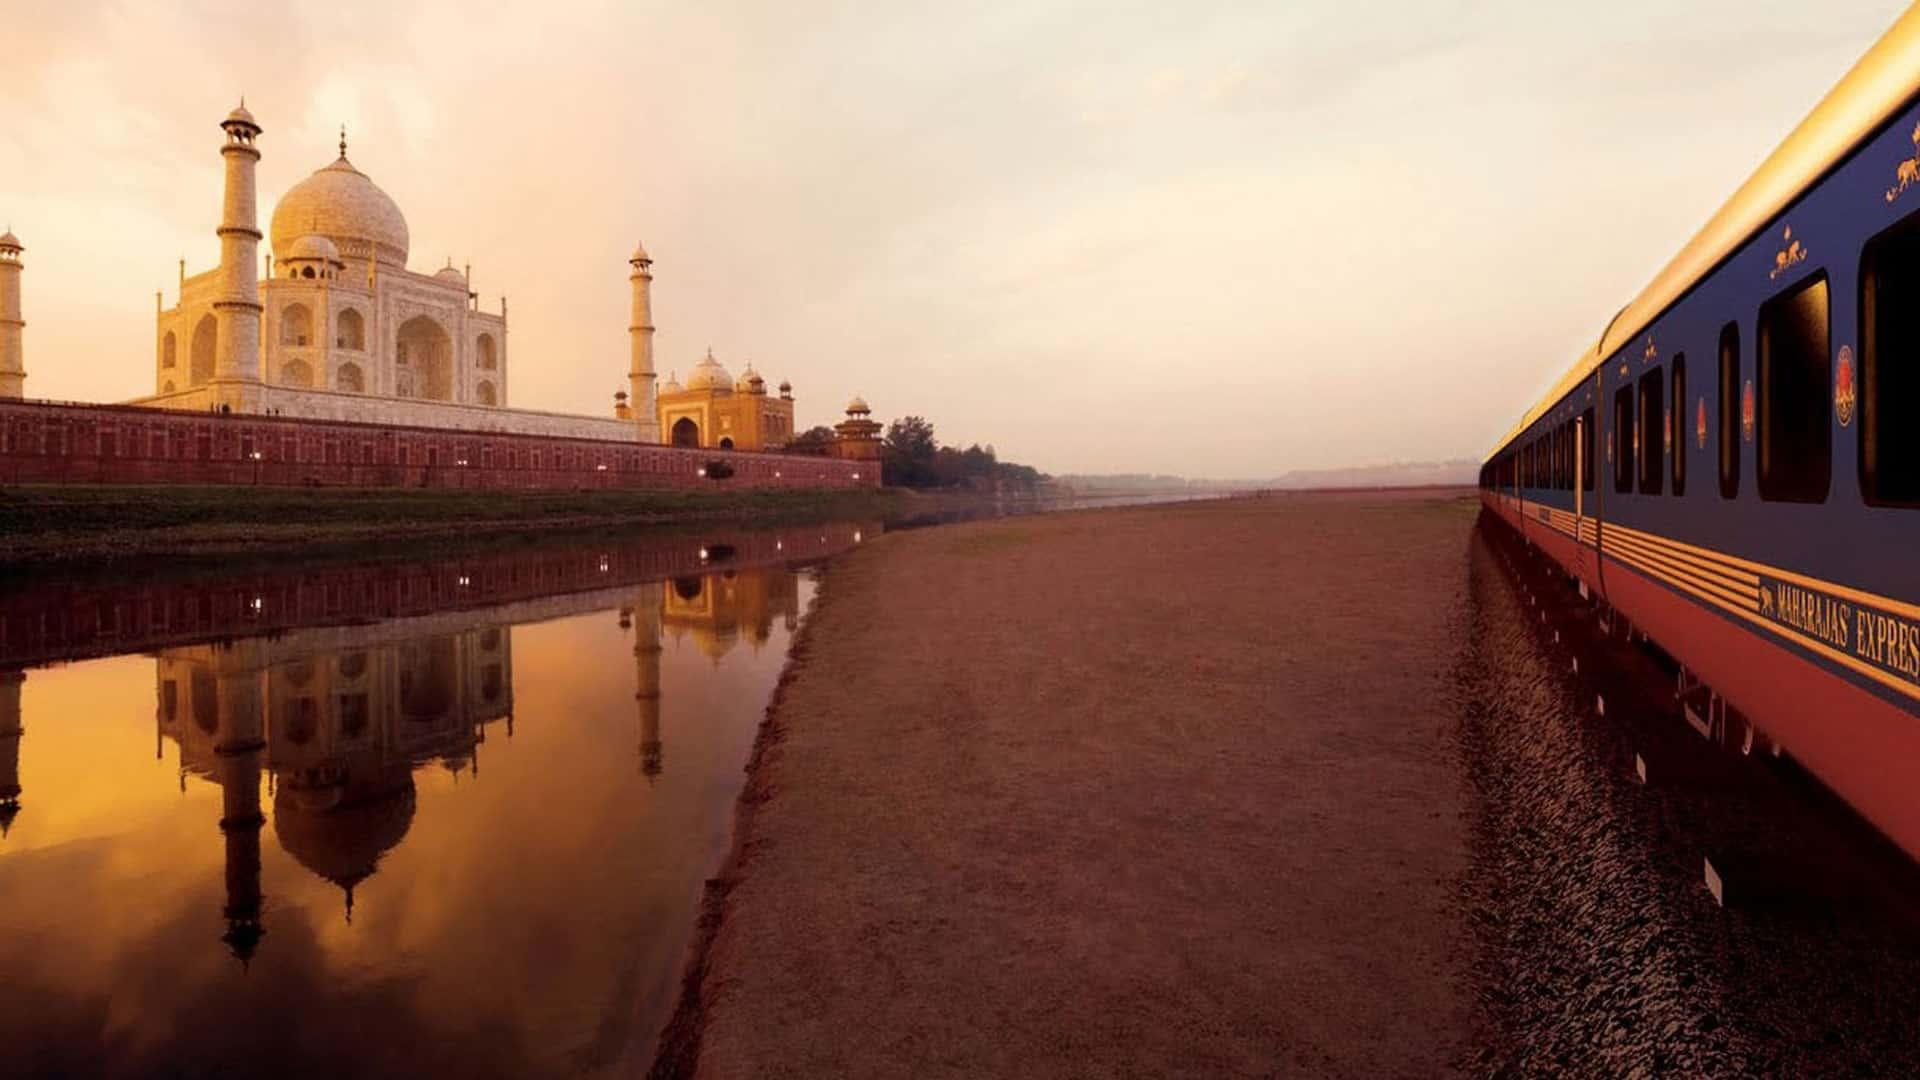 Maharajas Express, India